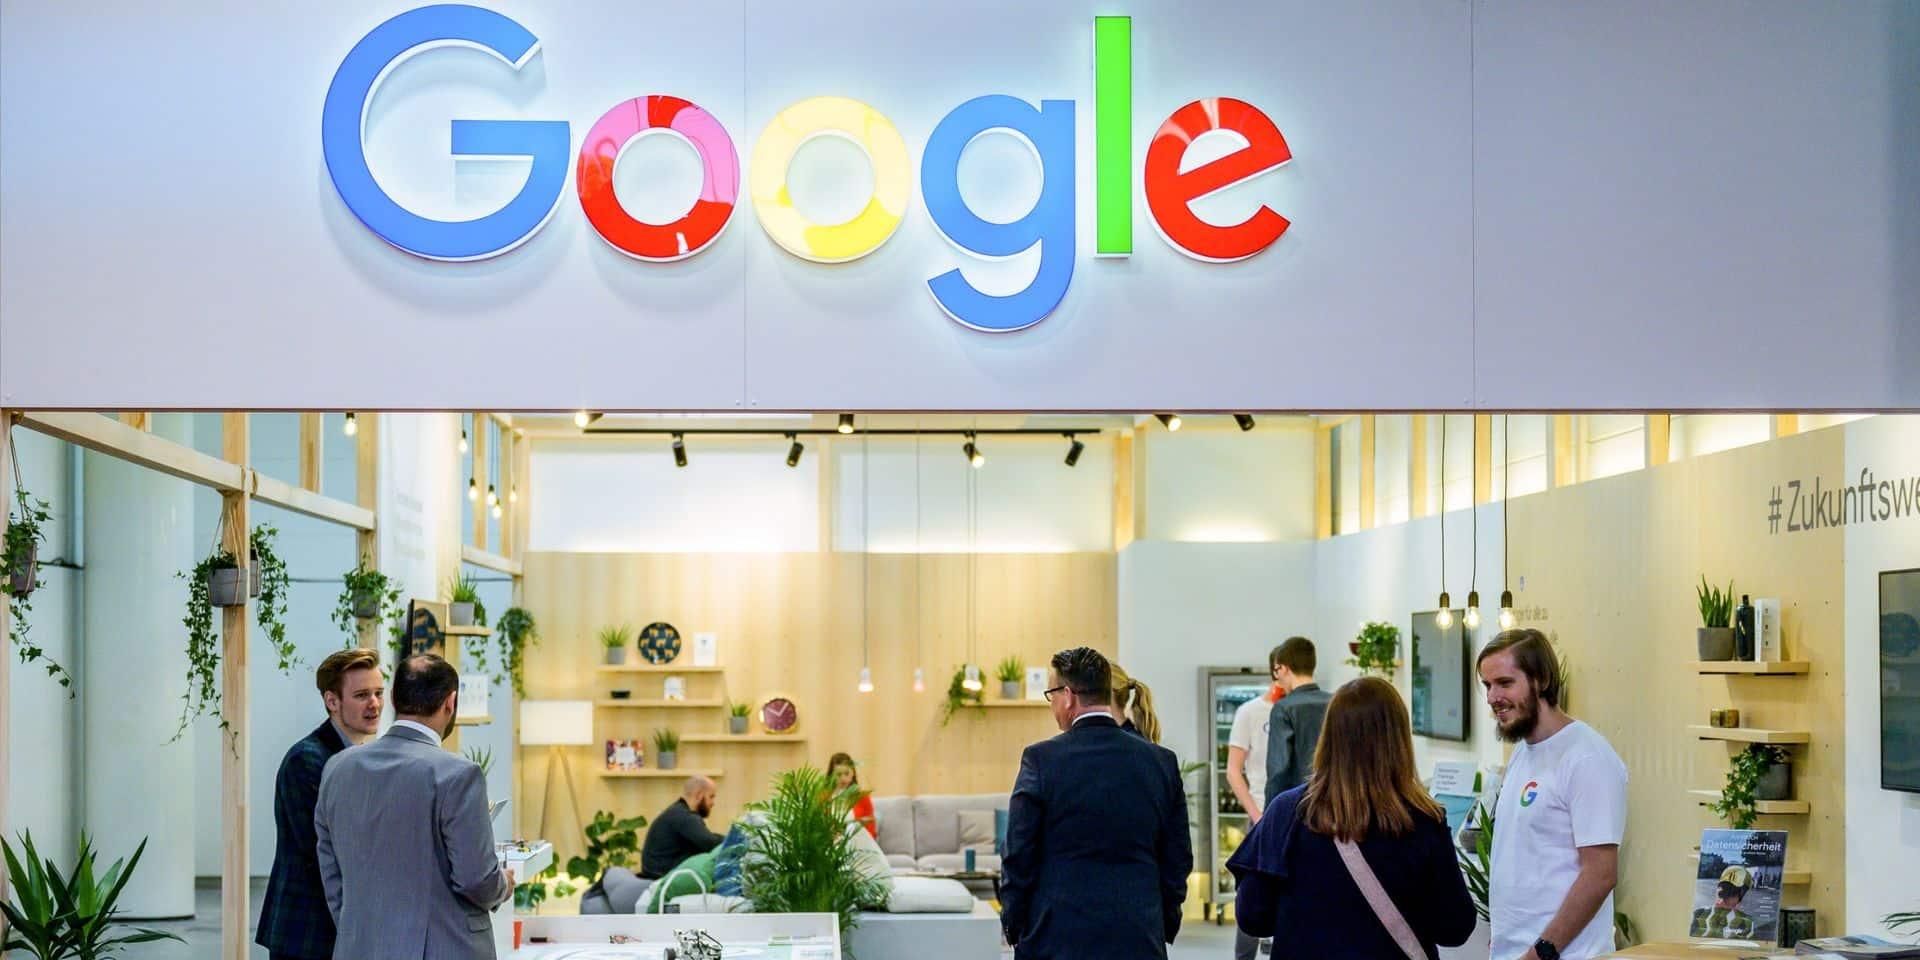 Le nouveau pari de Google Belgique : vous aider à trouver un emploi !